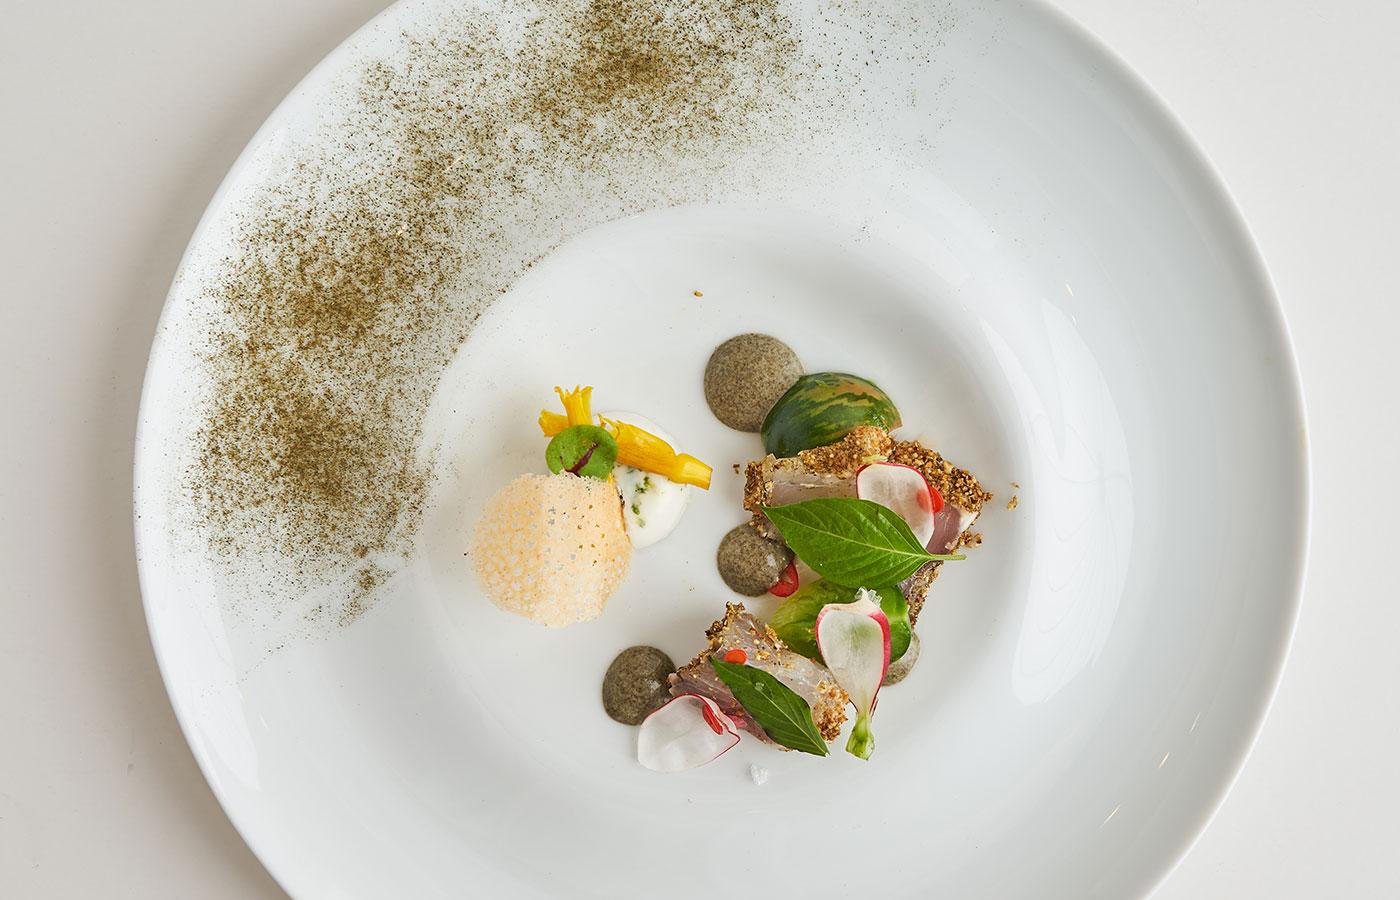 Chef Pasion's winning dish